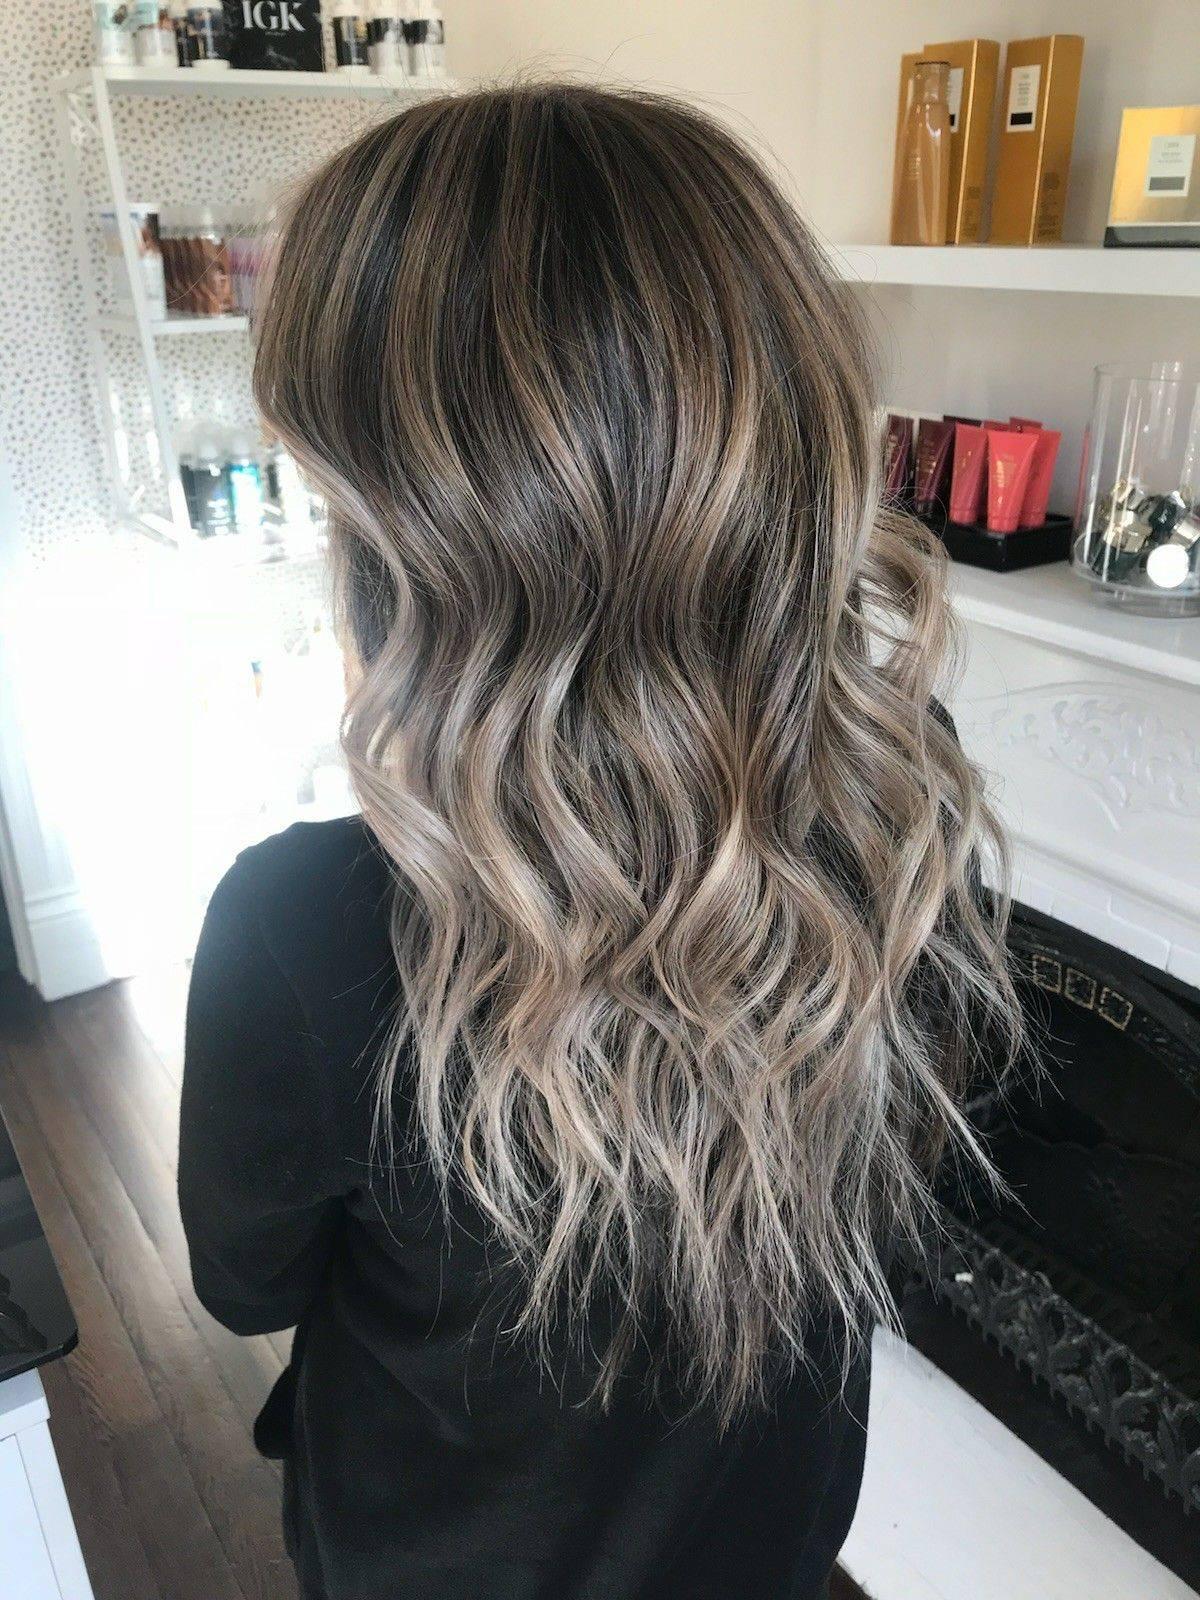 Пепельный цвет волос: 39 идей окрашивания с фото + обзор красок